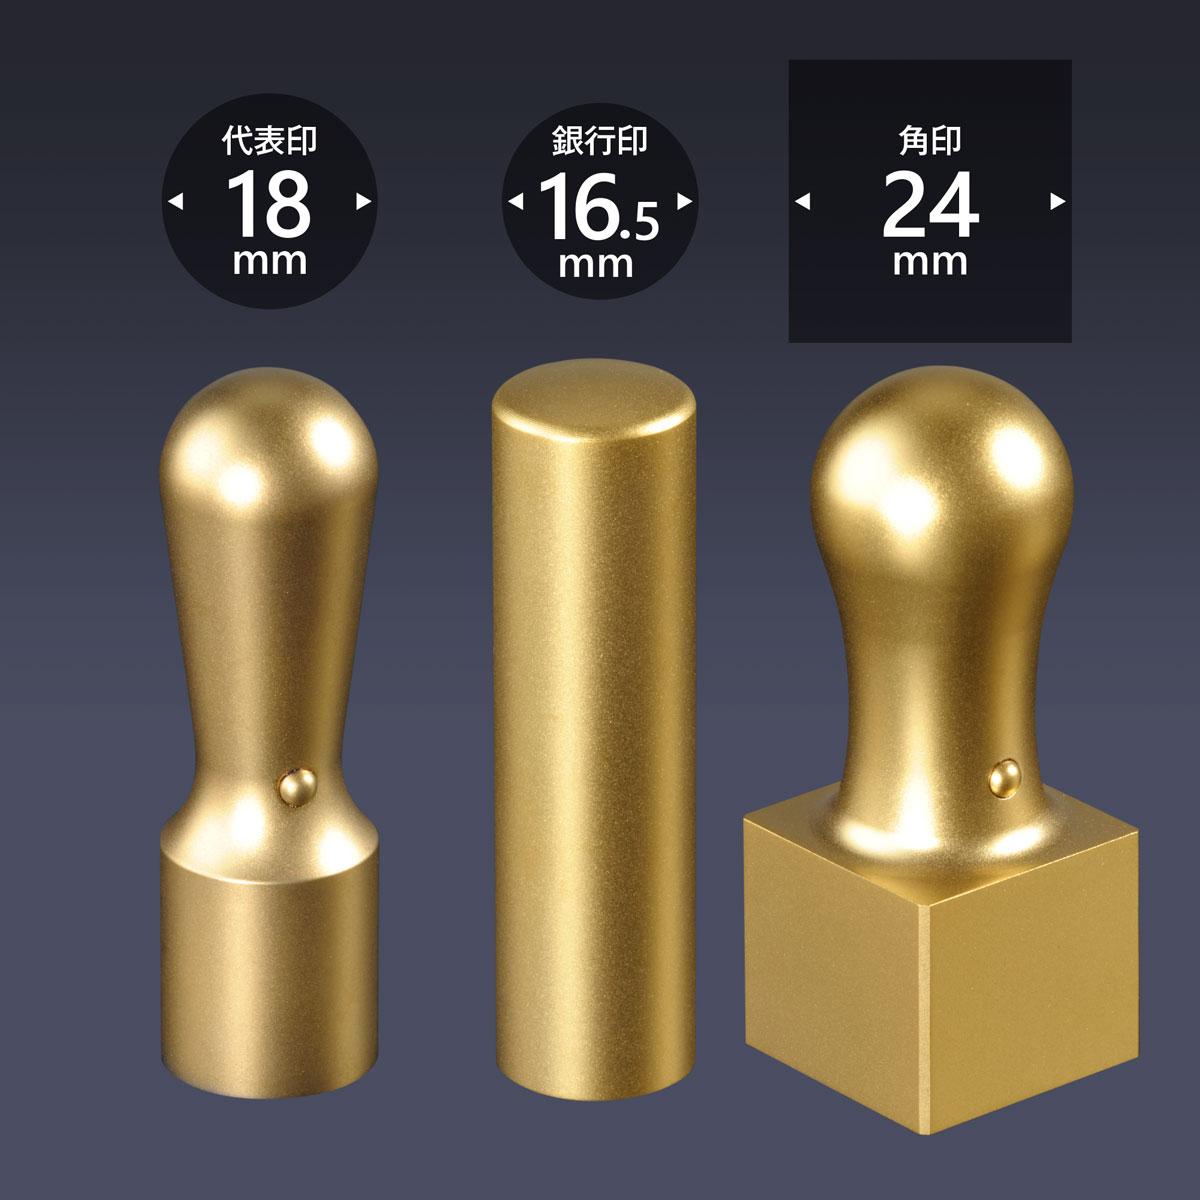 会社印 ブラストチタン(ゴールド)3本C24セット/送料無料 法人 会社設立 実印 銀行印 角印 女性 法人印鑑 社印